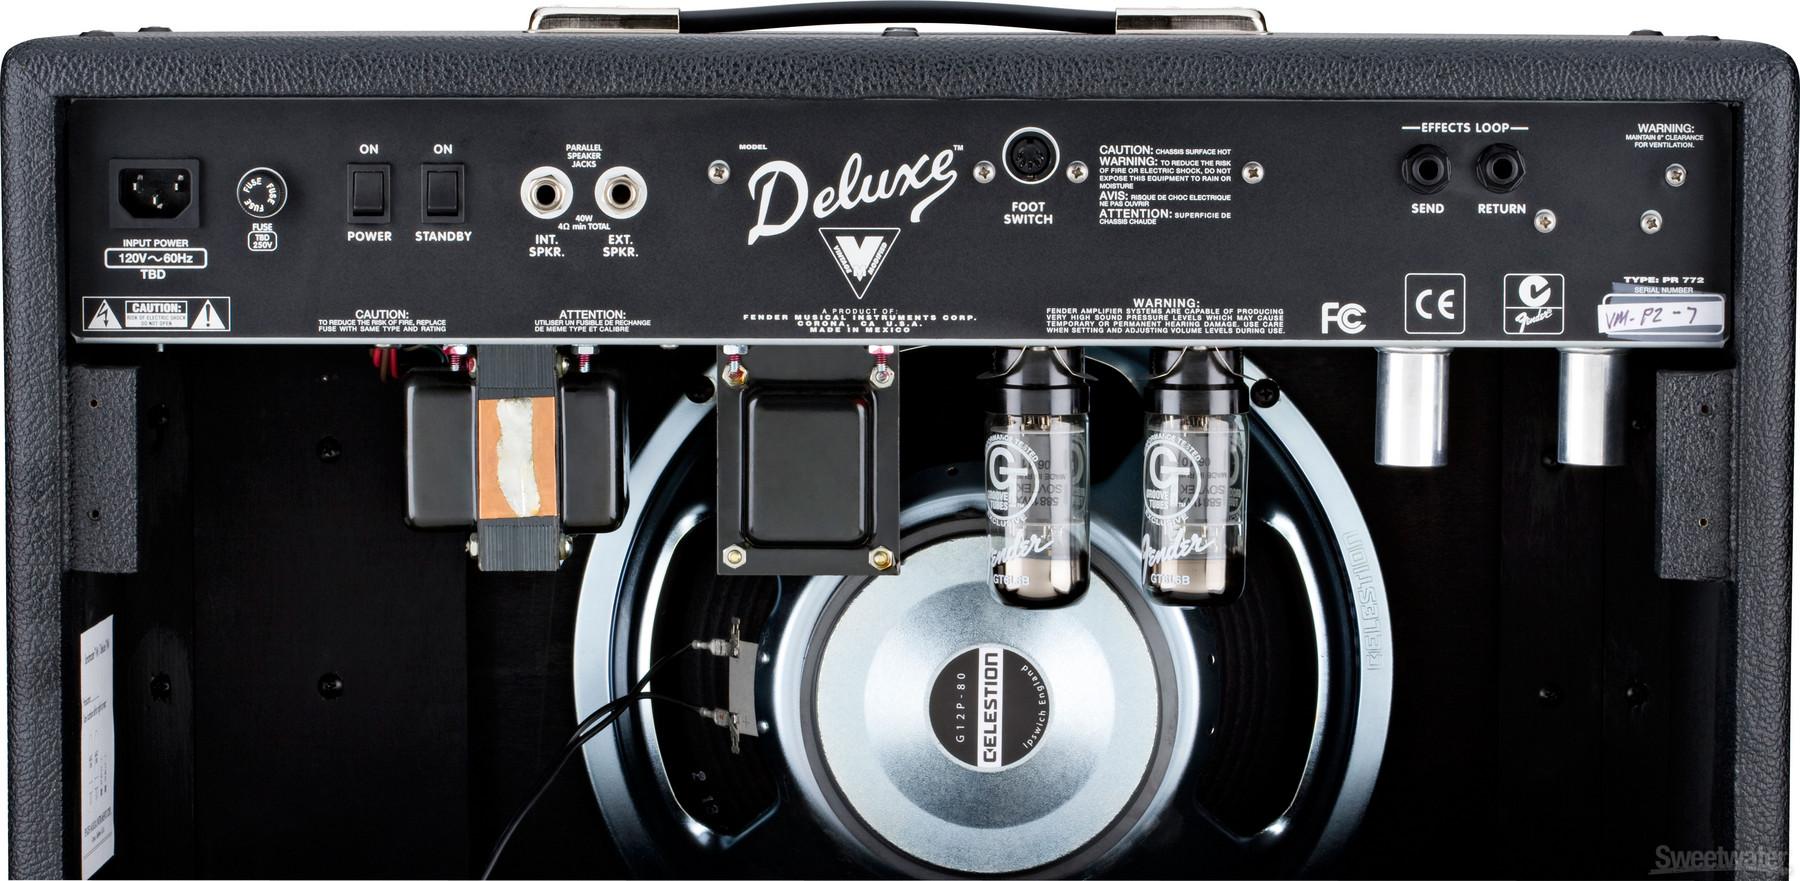 fender deluxe vm image 294493 audiofanzine rh en audiofanzine com Blonde Fender Deluxe VM Blonde Fender Deluxe VM